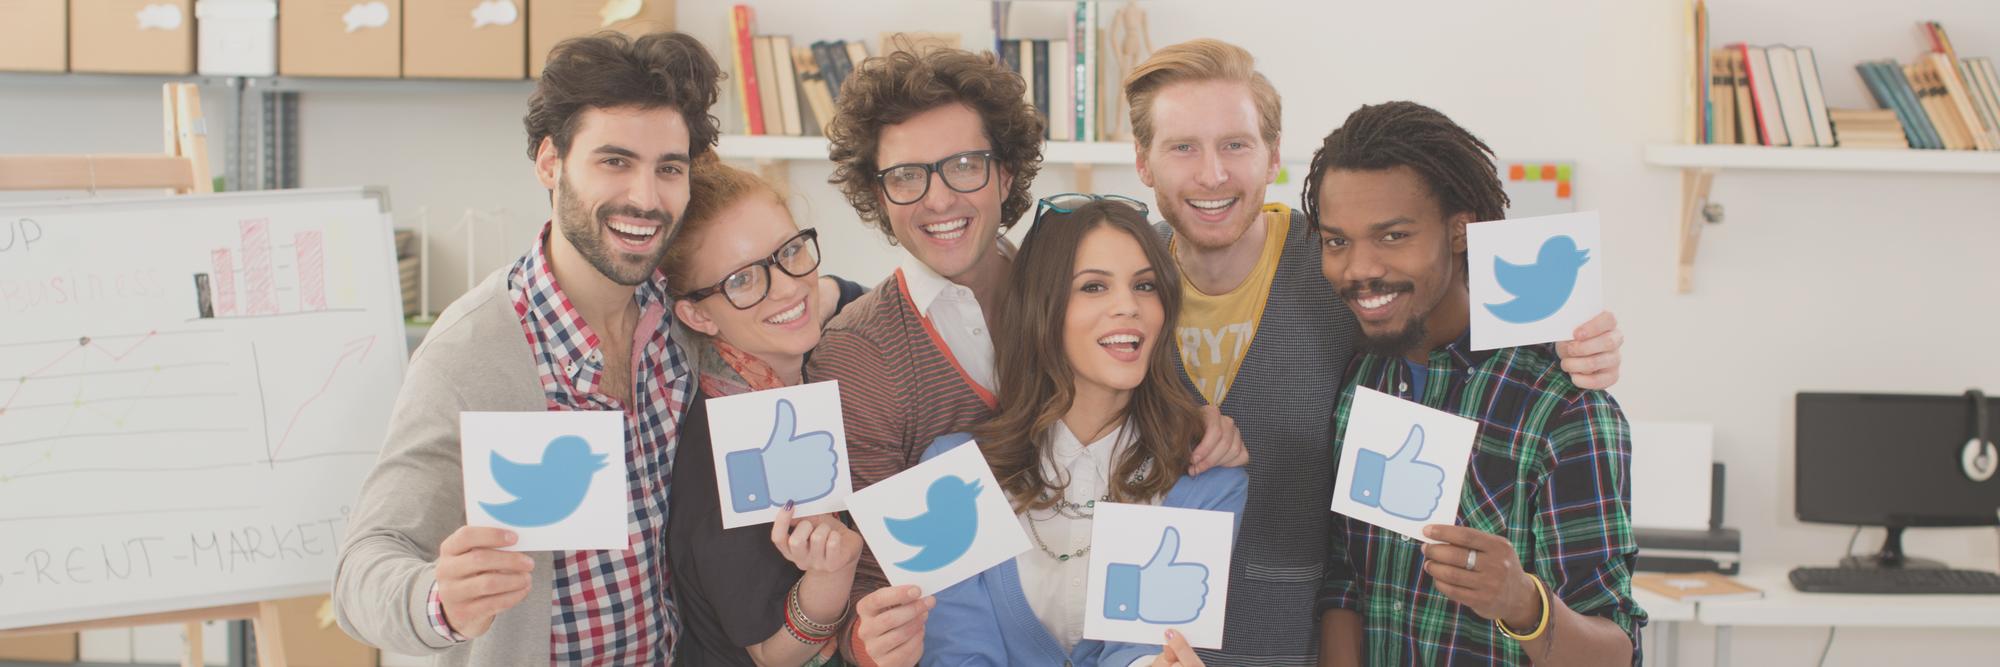 Hire A Social Media Virtual Assistant